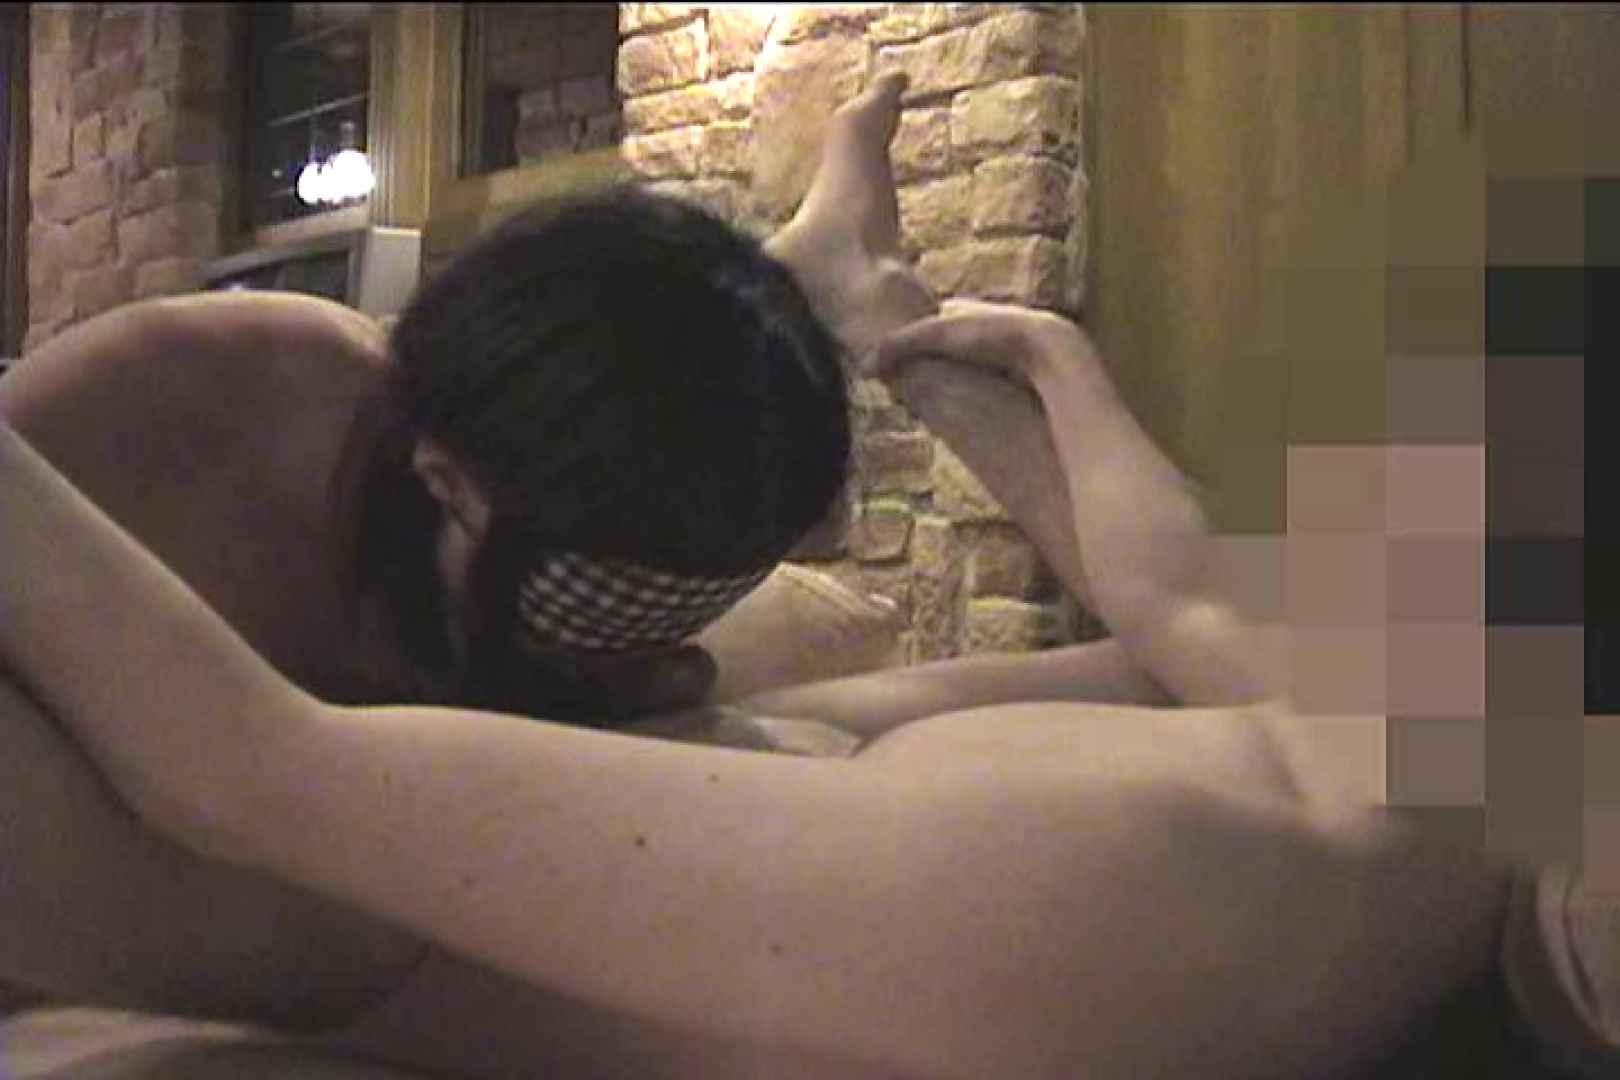 感度抜群純情嬢・バージンかなちゃんVol.1 ローター AV無料 89pic 29